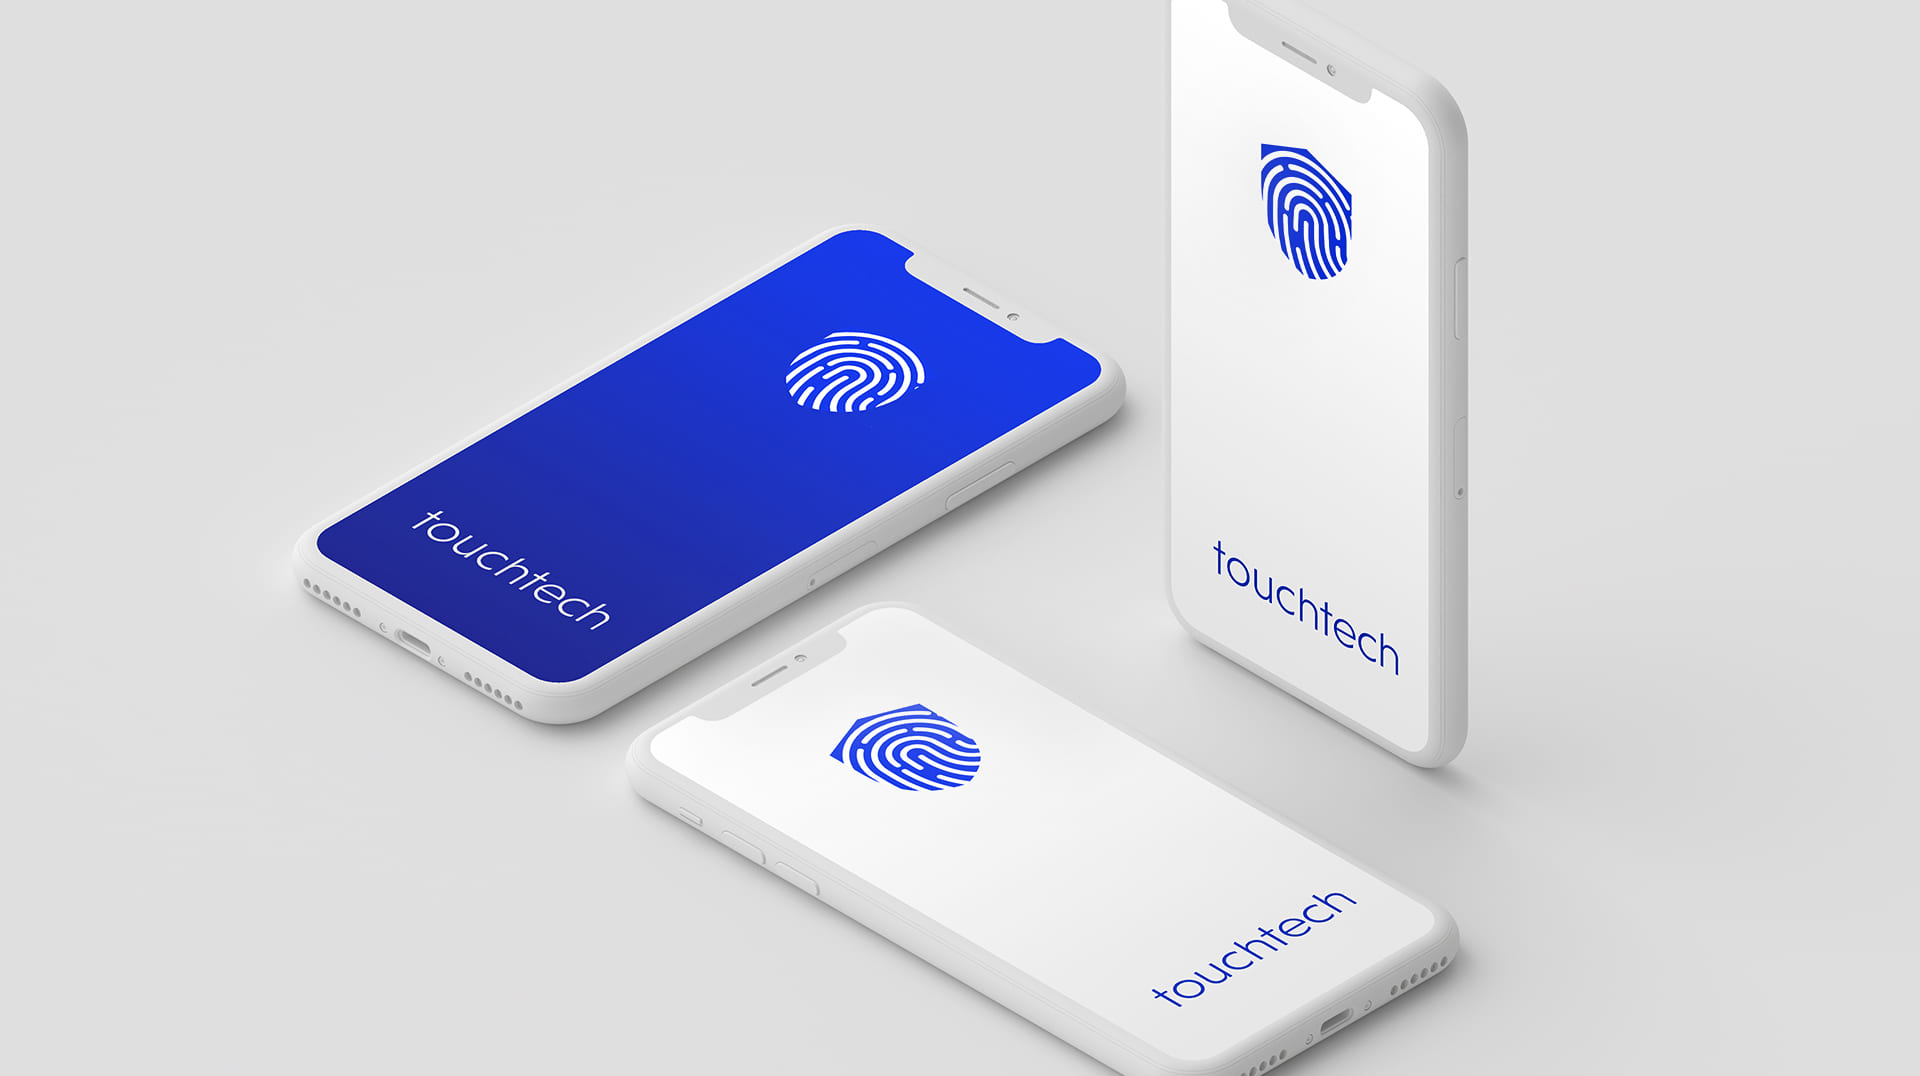 Touch Tech